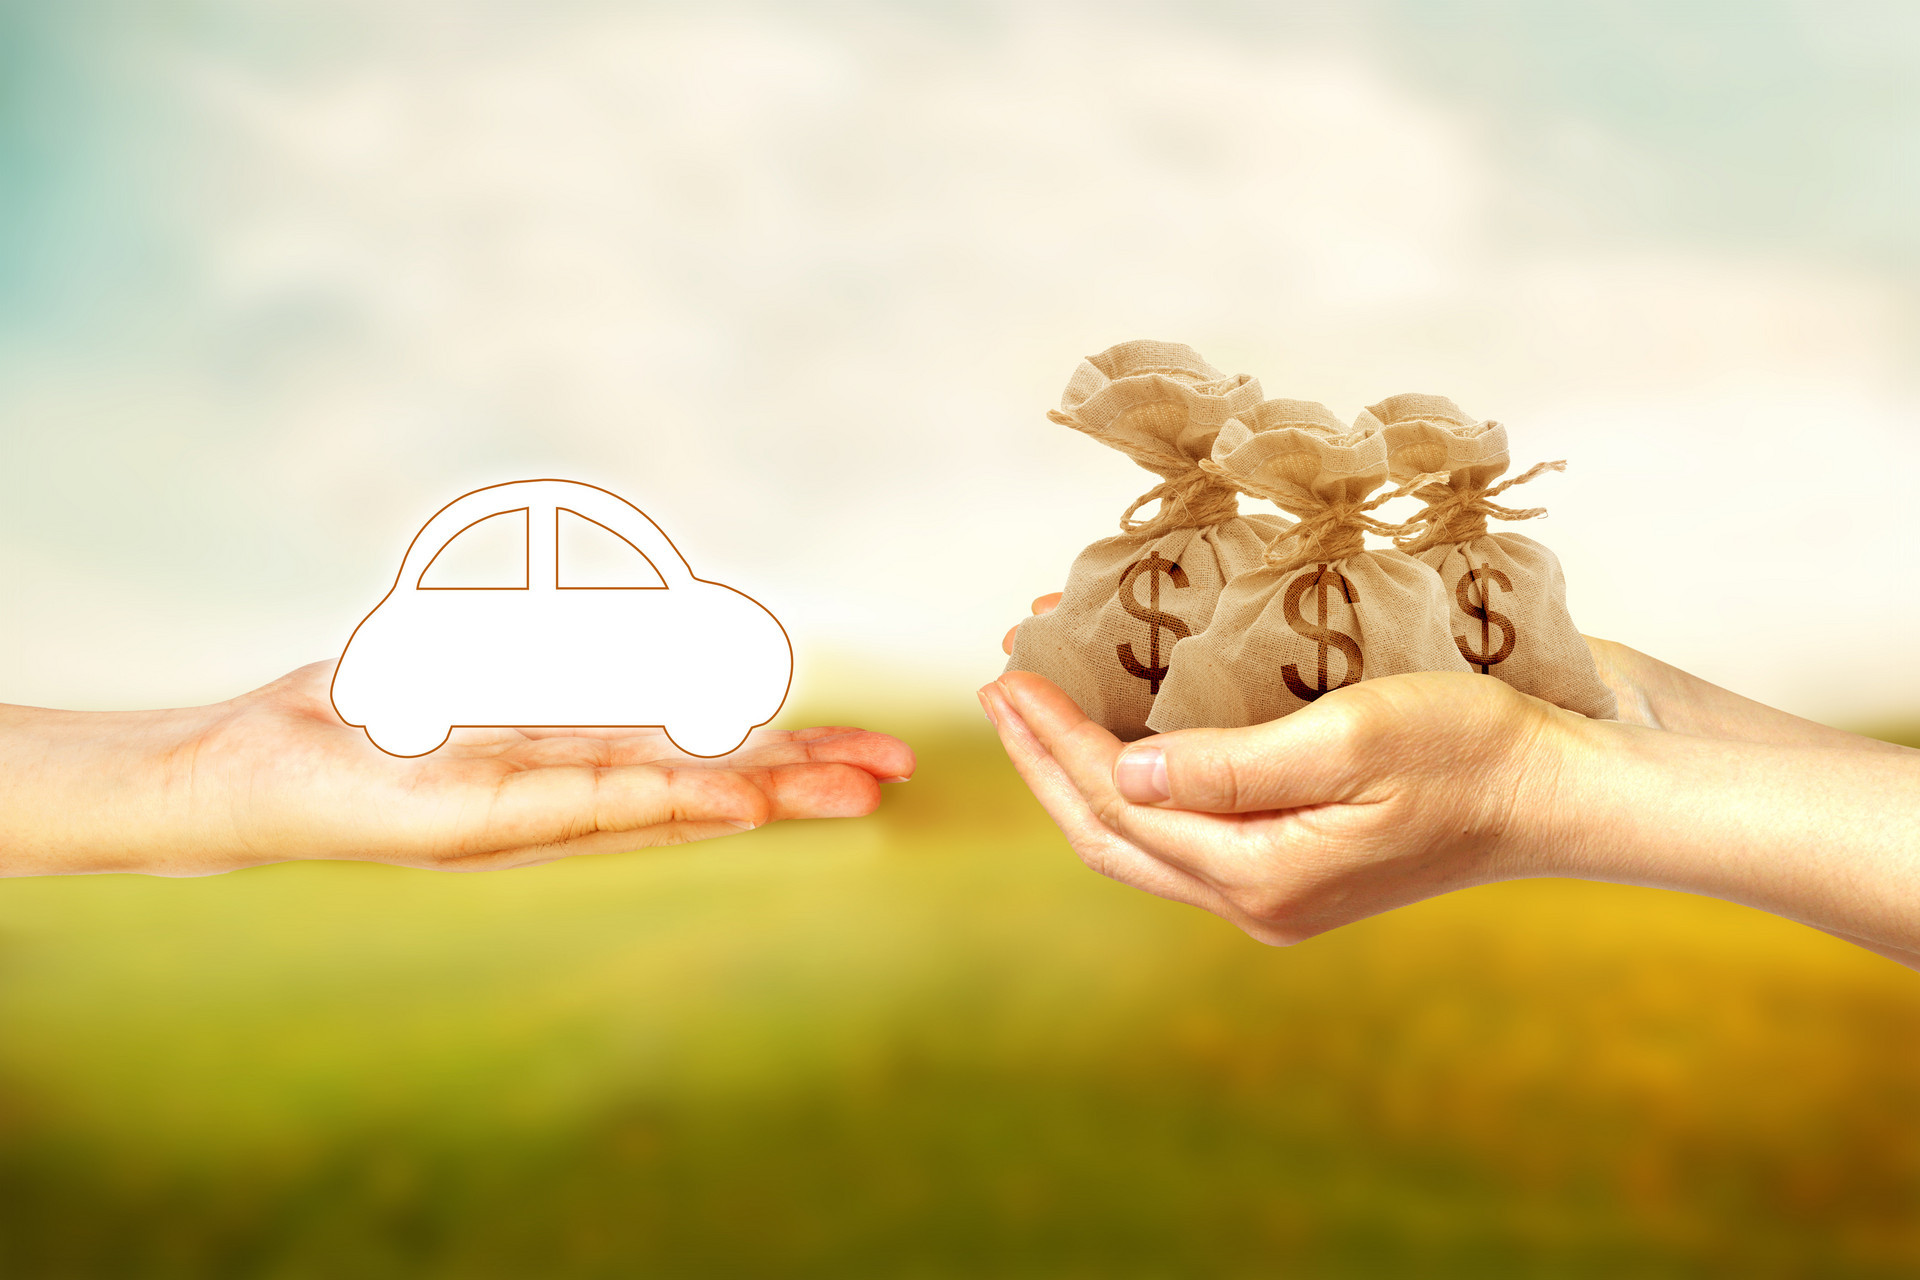 国常会出台促进汽车消费三大举措:二手车电商受益 新能源车市有望恢复高增长